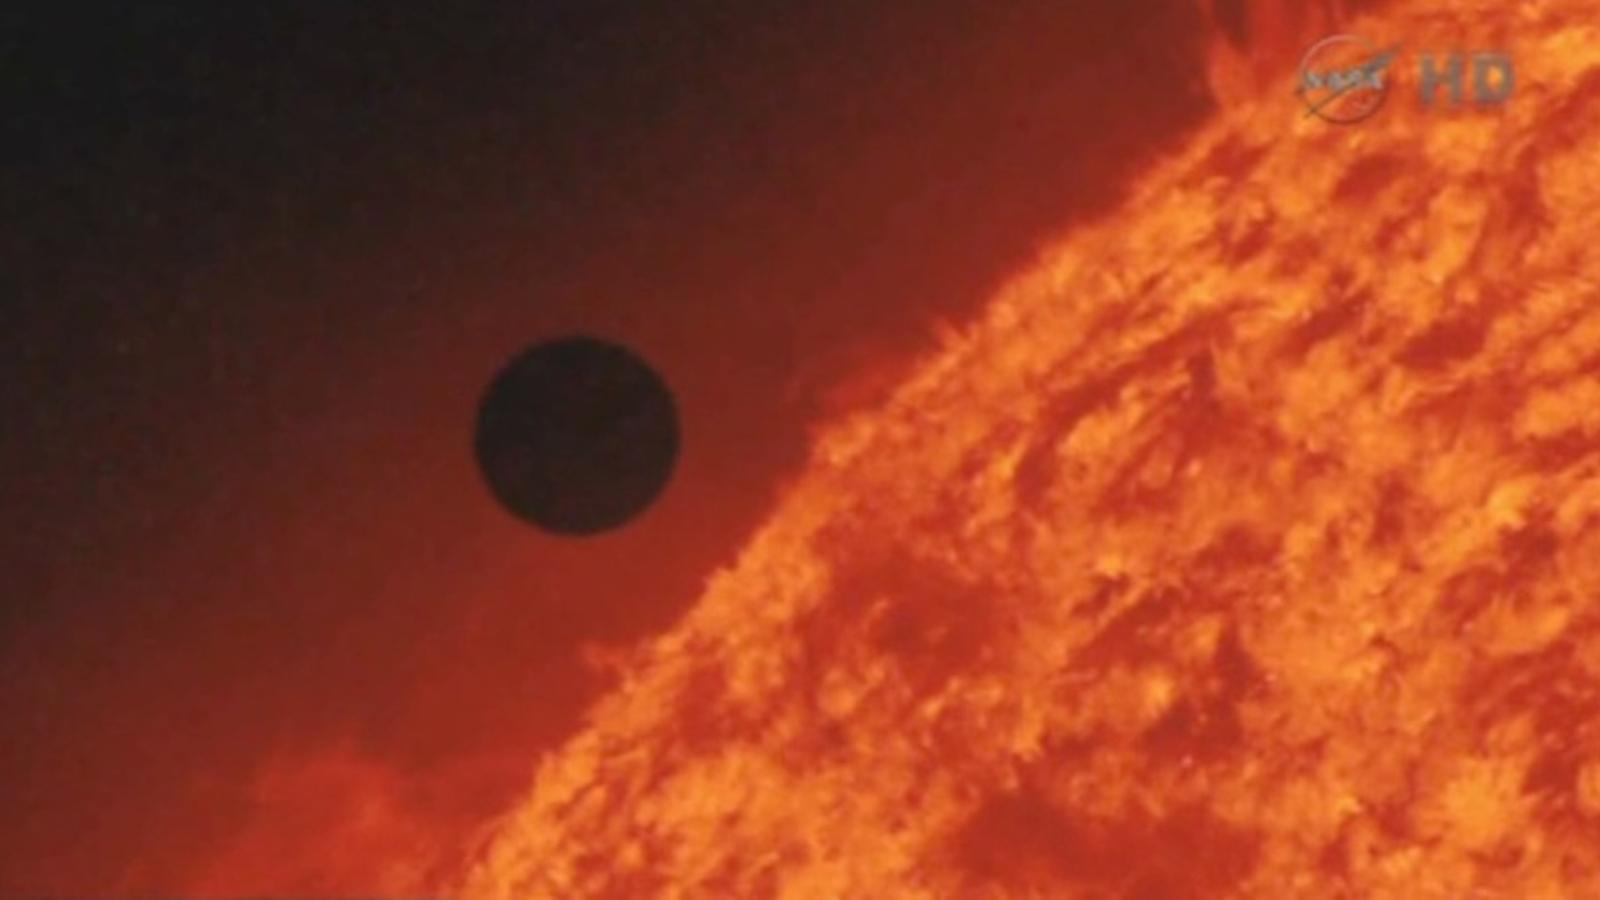 El trànsit de Venus: un espectacle i una oportunitat científica única fins al 2117